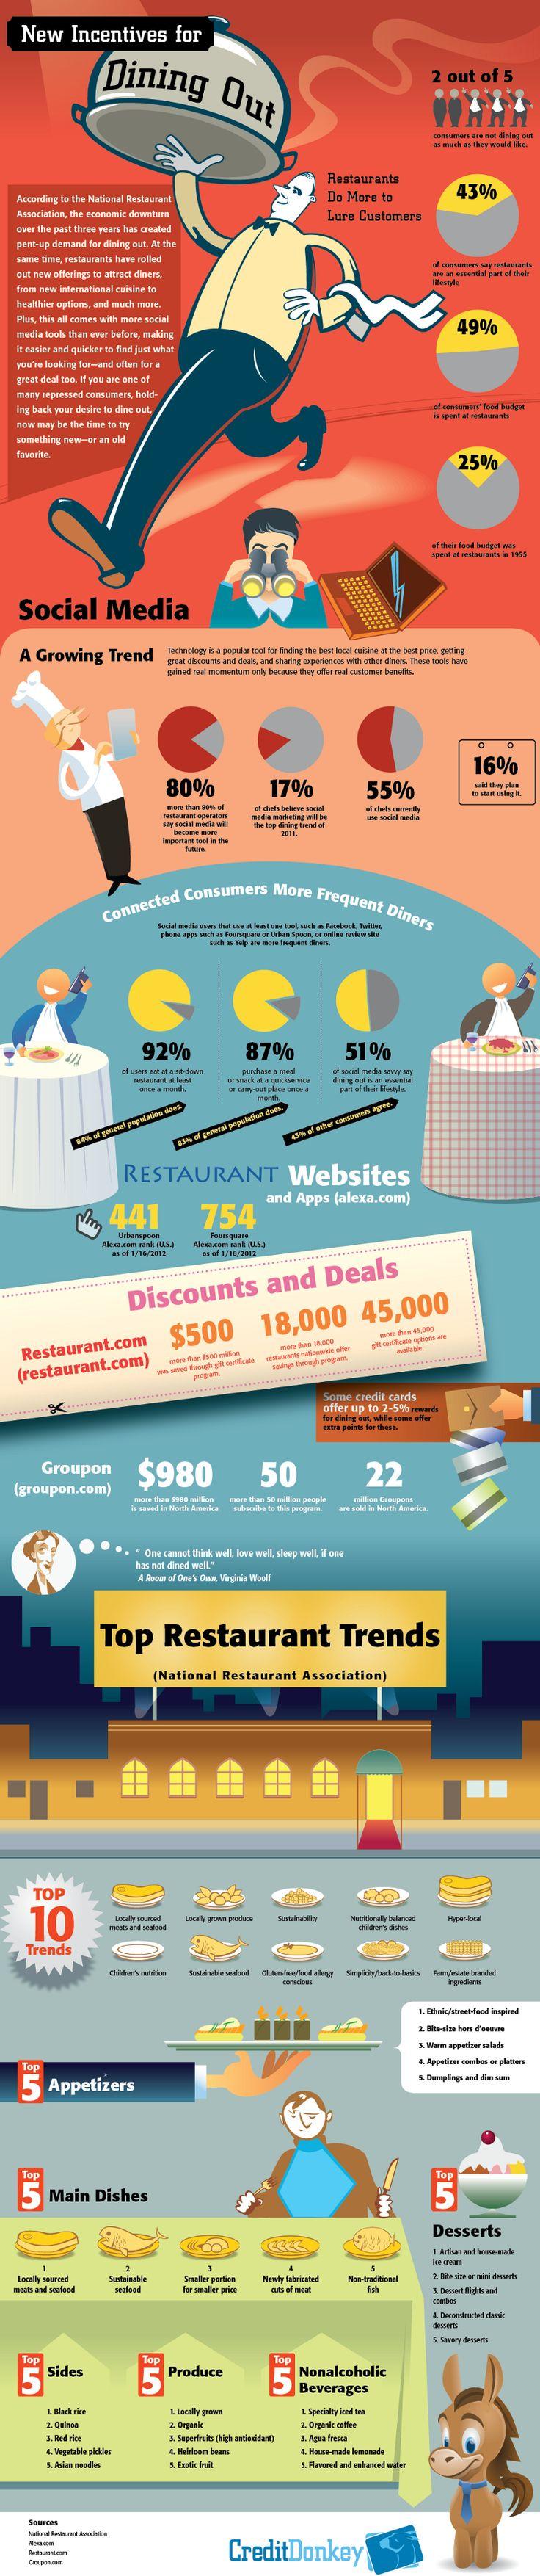 243 best RESTAURANT MANAGEMENT images on Pinterest | Kitchens, Food ...